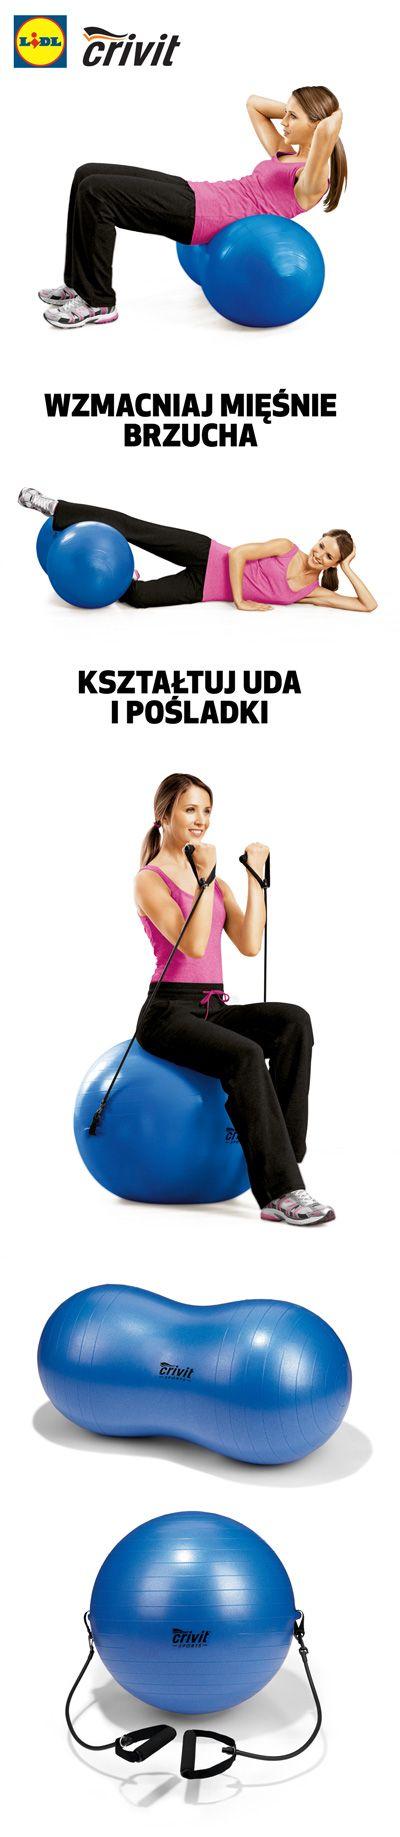 Mimo, że wygląda jak zabawka, wyrzeźbi Twoje mięśnie doskonale! #pilka #gimnastyczna #fitness #cwiczenia #trening